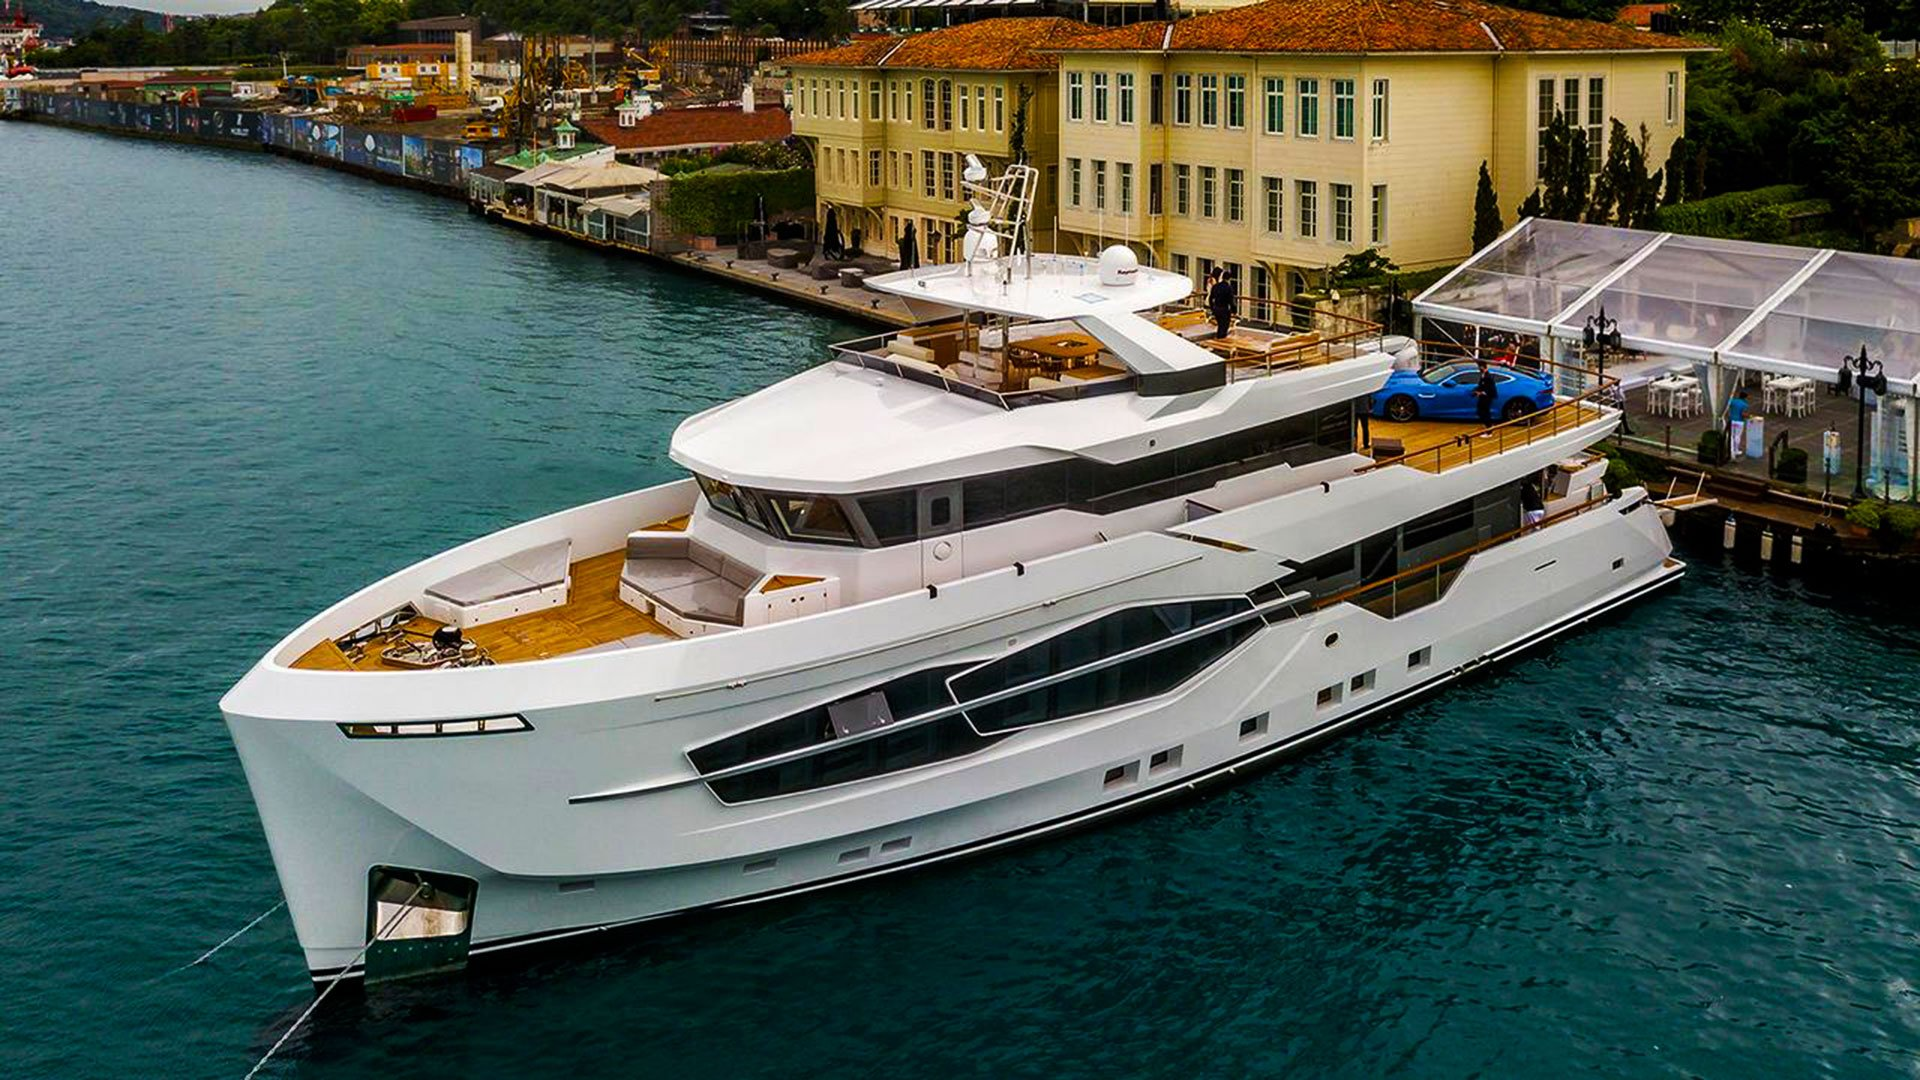 时尚骚气的土耳其「Numarine 32XP」探险游艇,4000海里超长续航